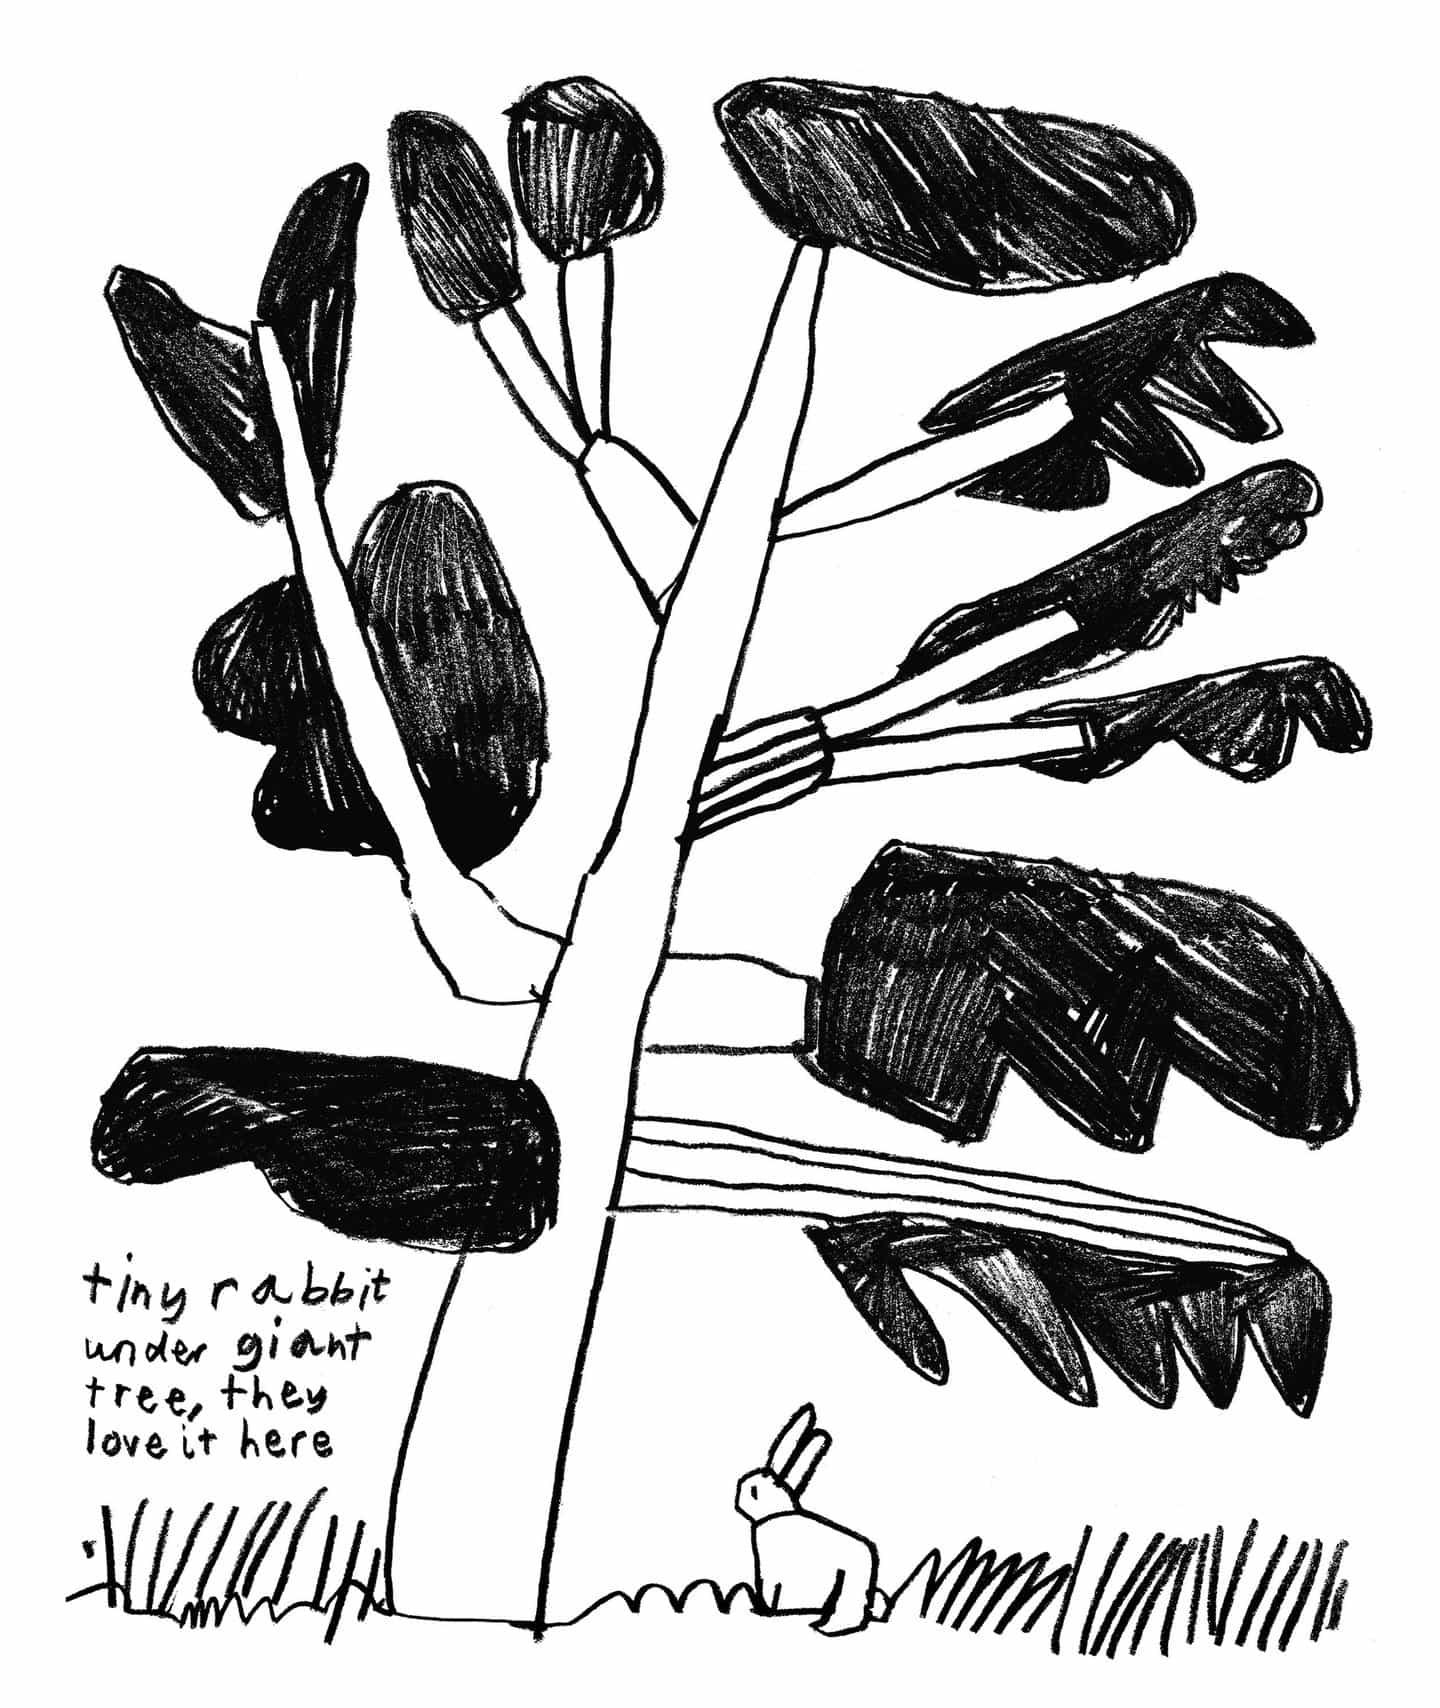 Conozca el portafolio infantil de la ilustradora Cara Rooney, donde la naturaleza, la curiosidad y el juego se combinan